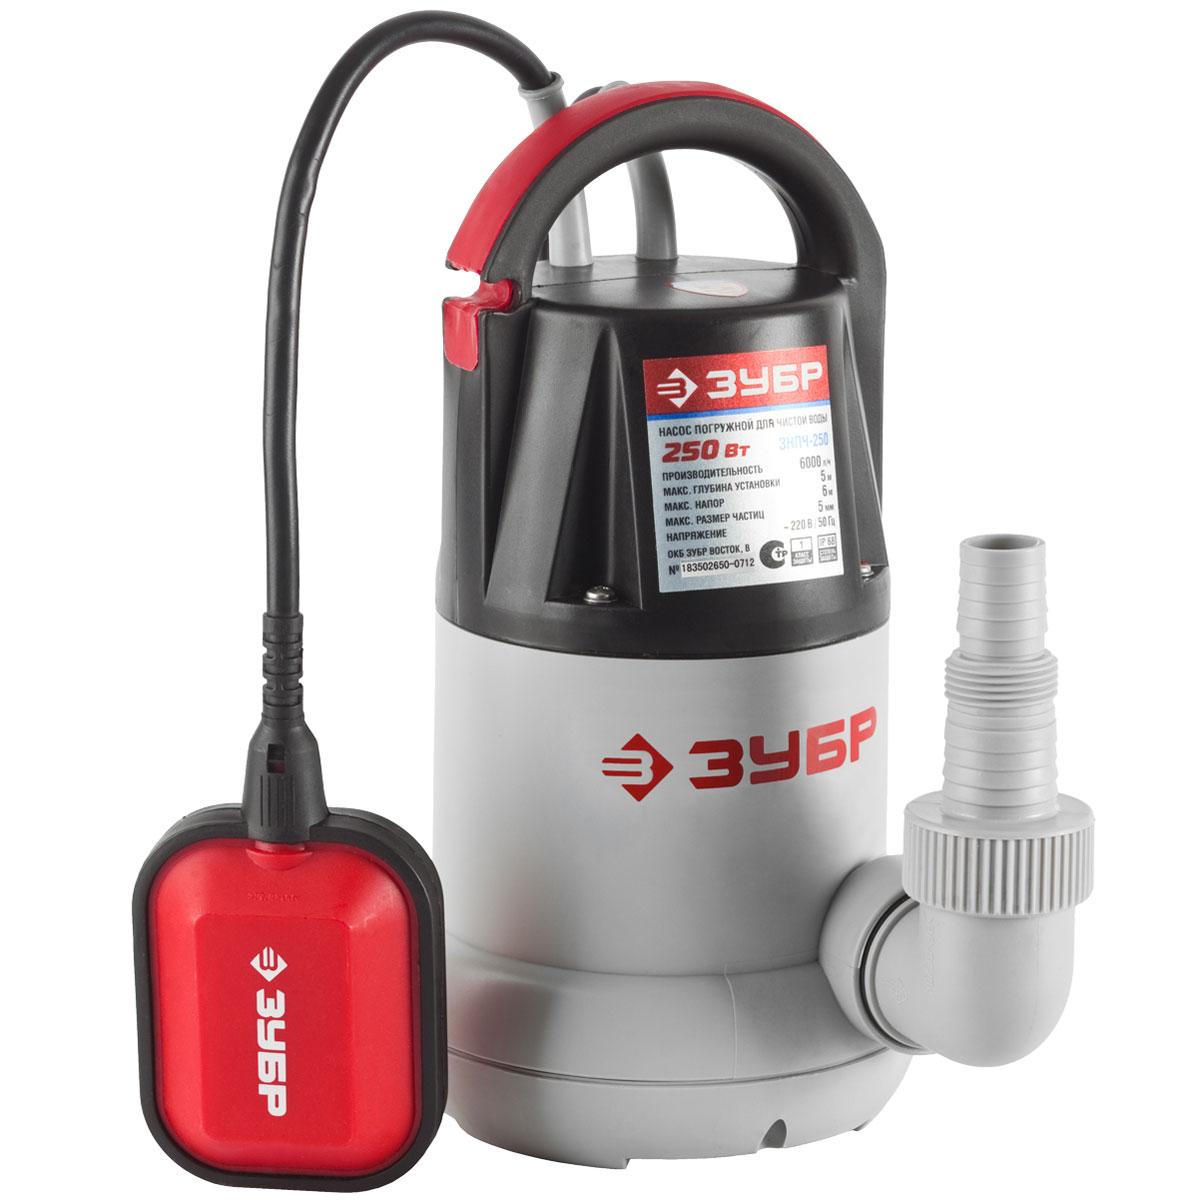 ЗУБР ЗНПЧ-250 насос погружной, дренажный для чистой воды, 250ВтЗНПЧ-250Насос ЗУБР ЗНПЧ-250 поможет Вам без лишних хлопот перекачать воду на садовом участке или организовать систему полива. Он комплектуются проверенным двигателем с медной обмоткой, которая (в отличие от алюминиевой) намного лучше переносит высокие нагрузки, а благодаря превосходному качеству комплектующих и встроенному термопредохранителю насос будет служить долго и безотказно. Предназначен для перекачивания чистой воды на садовых участках при осушении емкостей и водоемов, организации забора воды с глубины и подачи на высоту, использования в системах аэрации и дренажа.